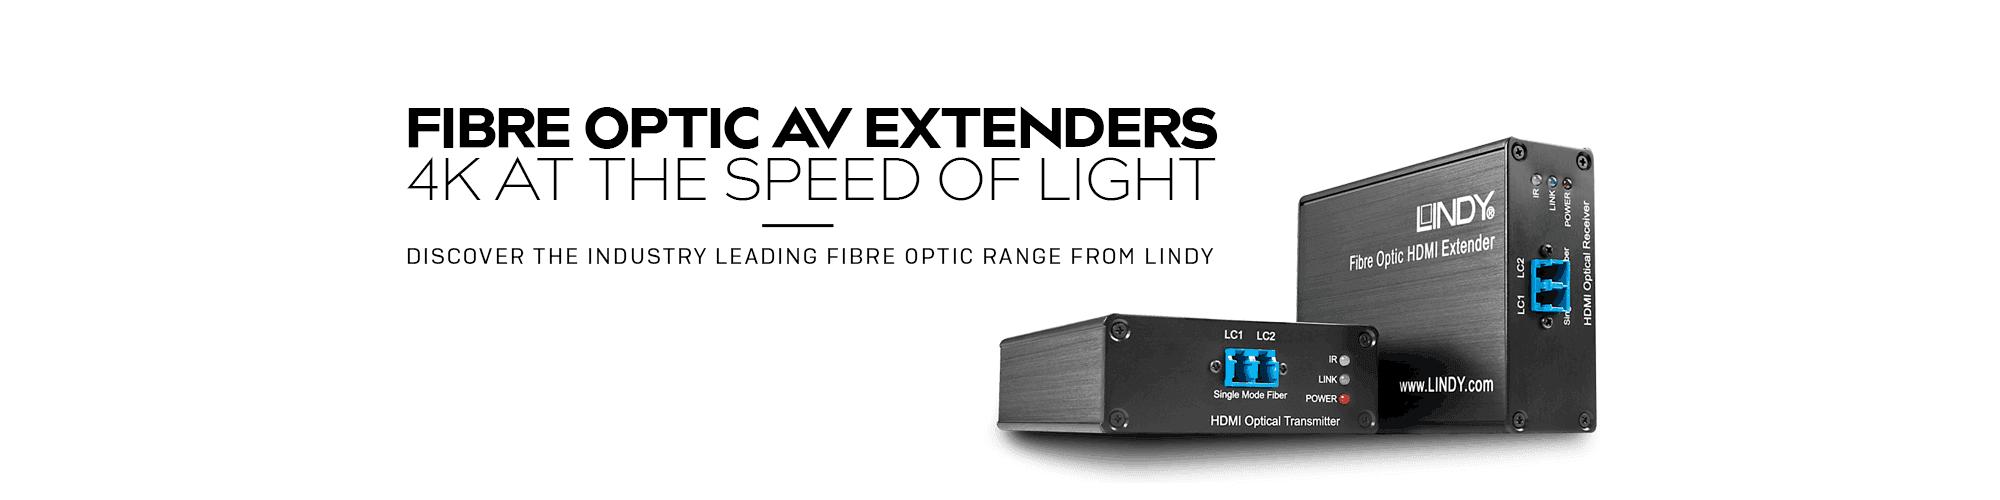 Fibre Optic AV Extenders